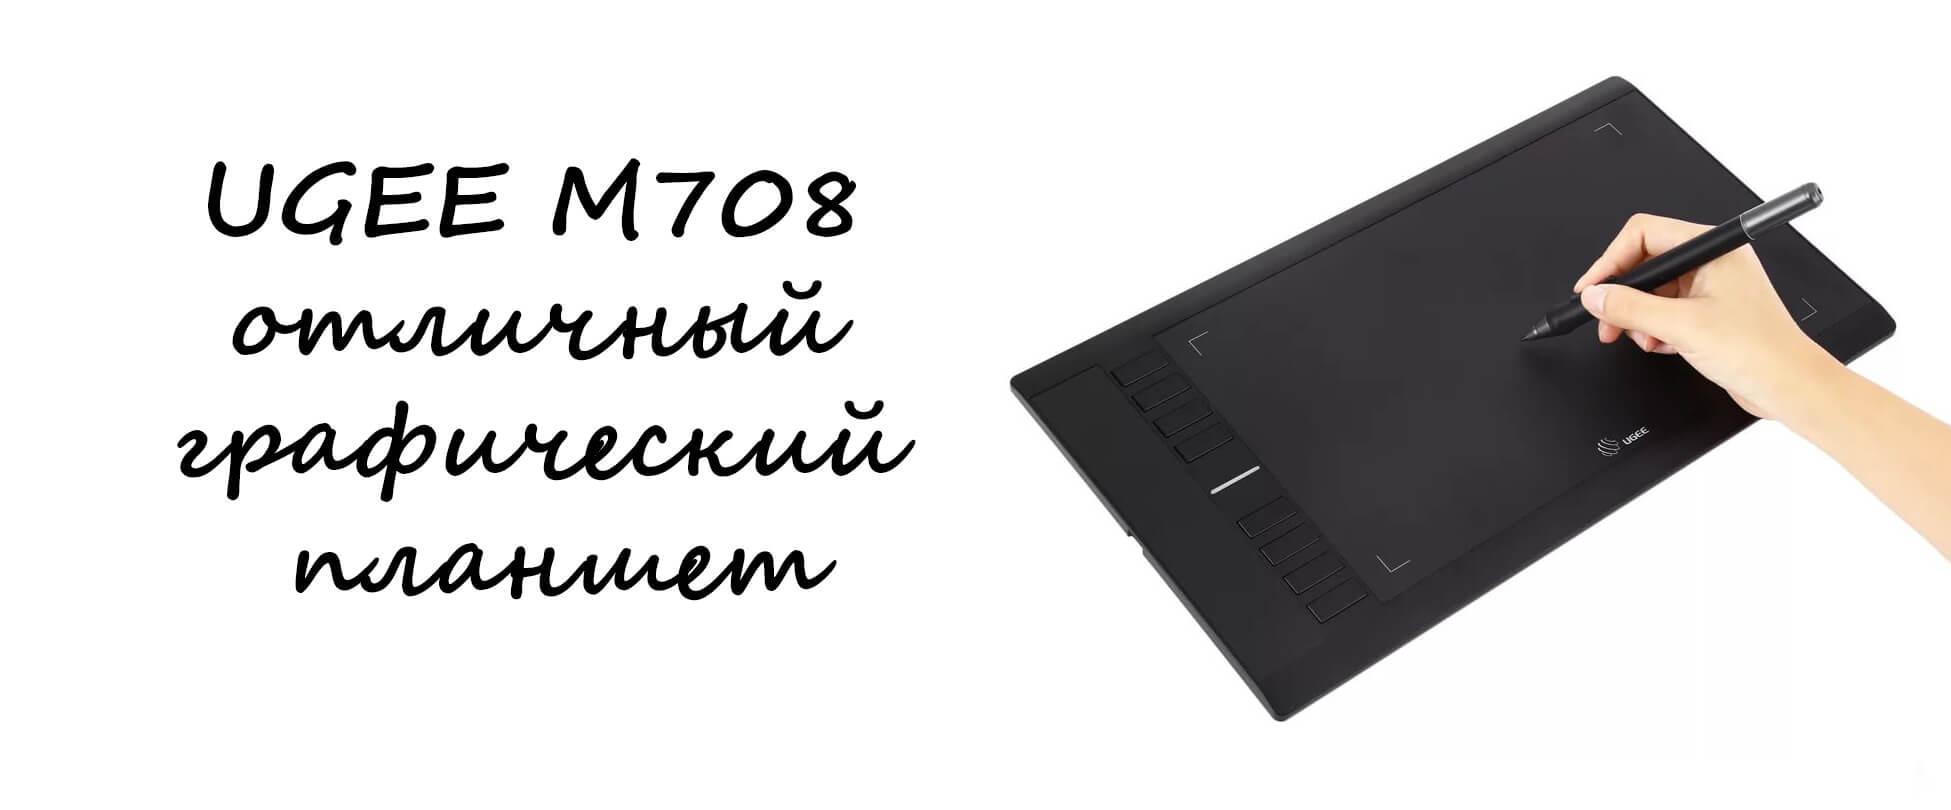 UGEE M708 отличный графический планшет